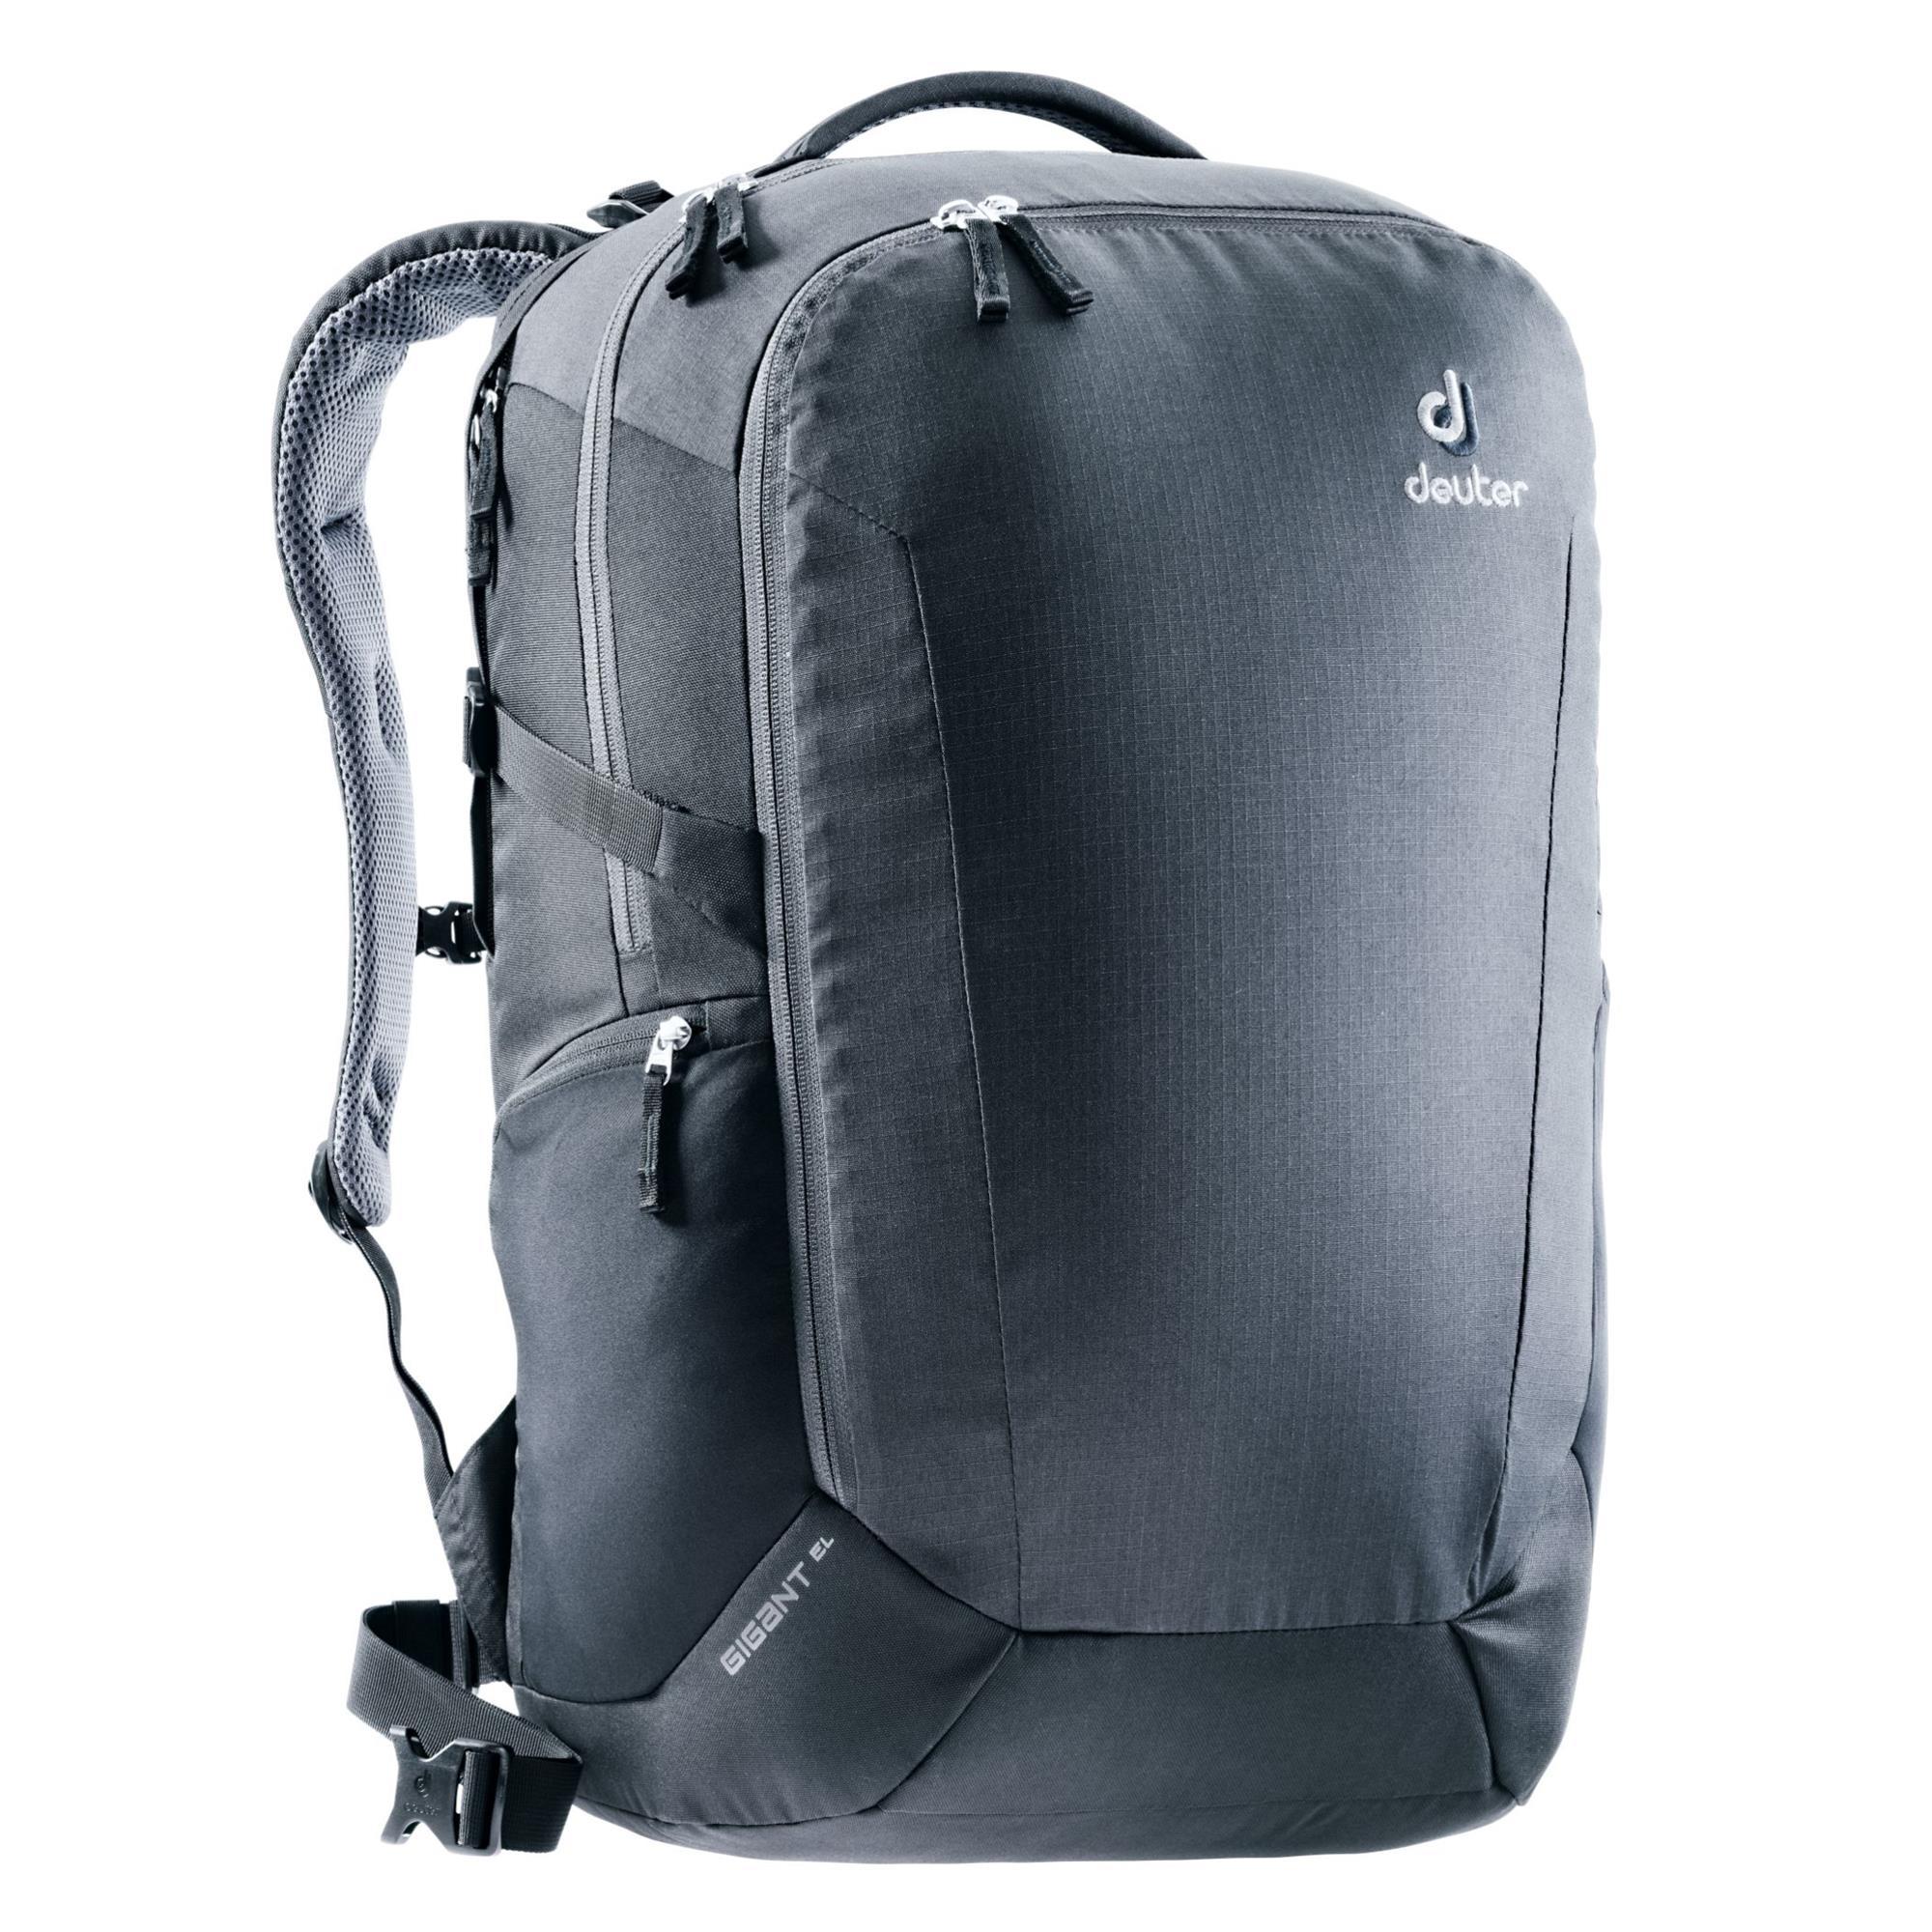 Deuter Gigant Laptop-Rucksack schwarz